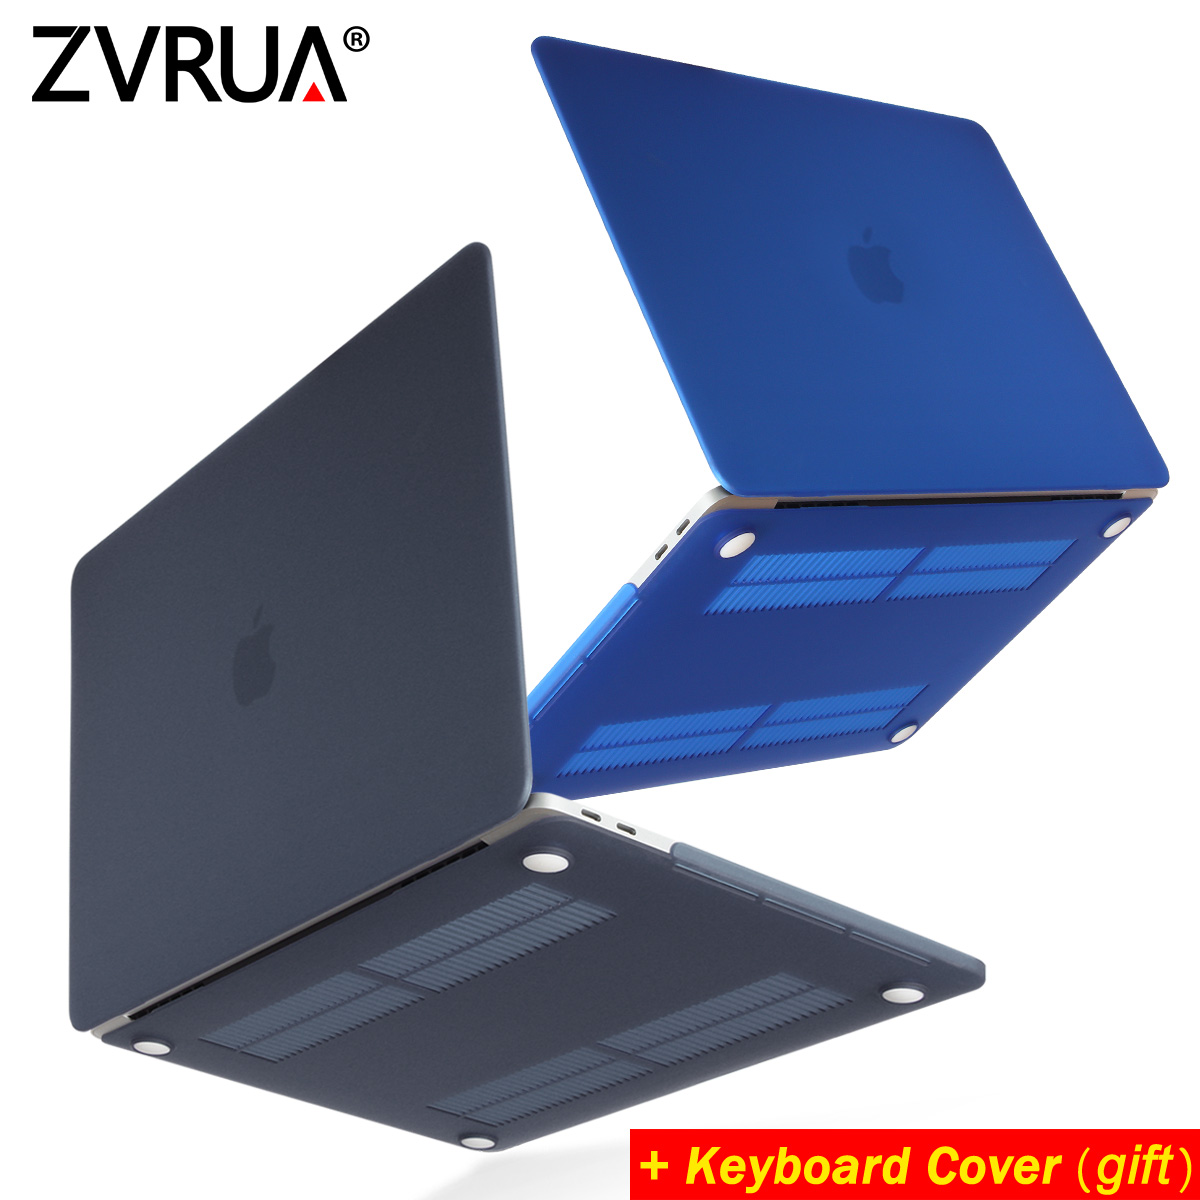 ZVRUA Venta caliente portátil caso para Apple macbook Air Pro Retina, 11 12 13 15 para Mac libro, 13,3 pulgadas con Touch Bar + teclado